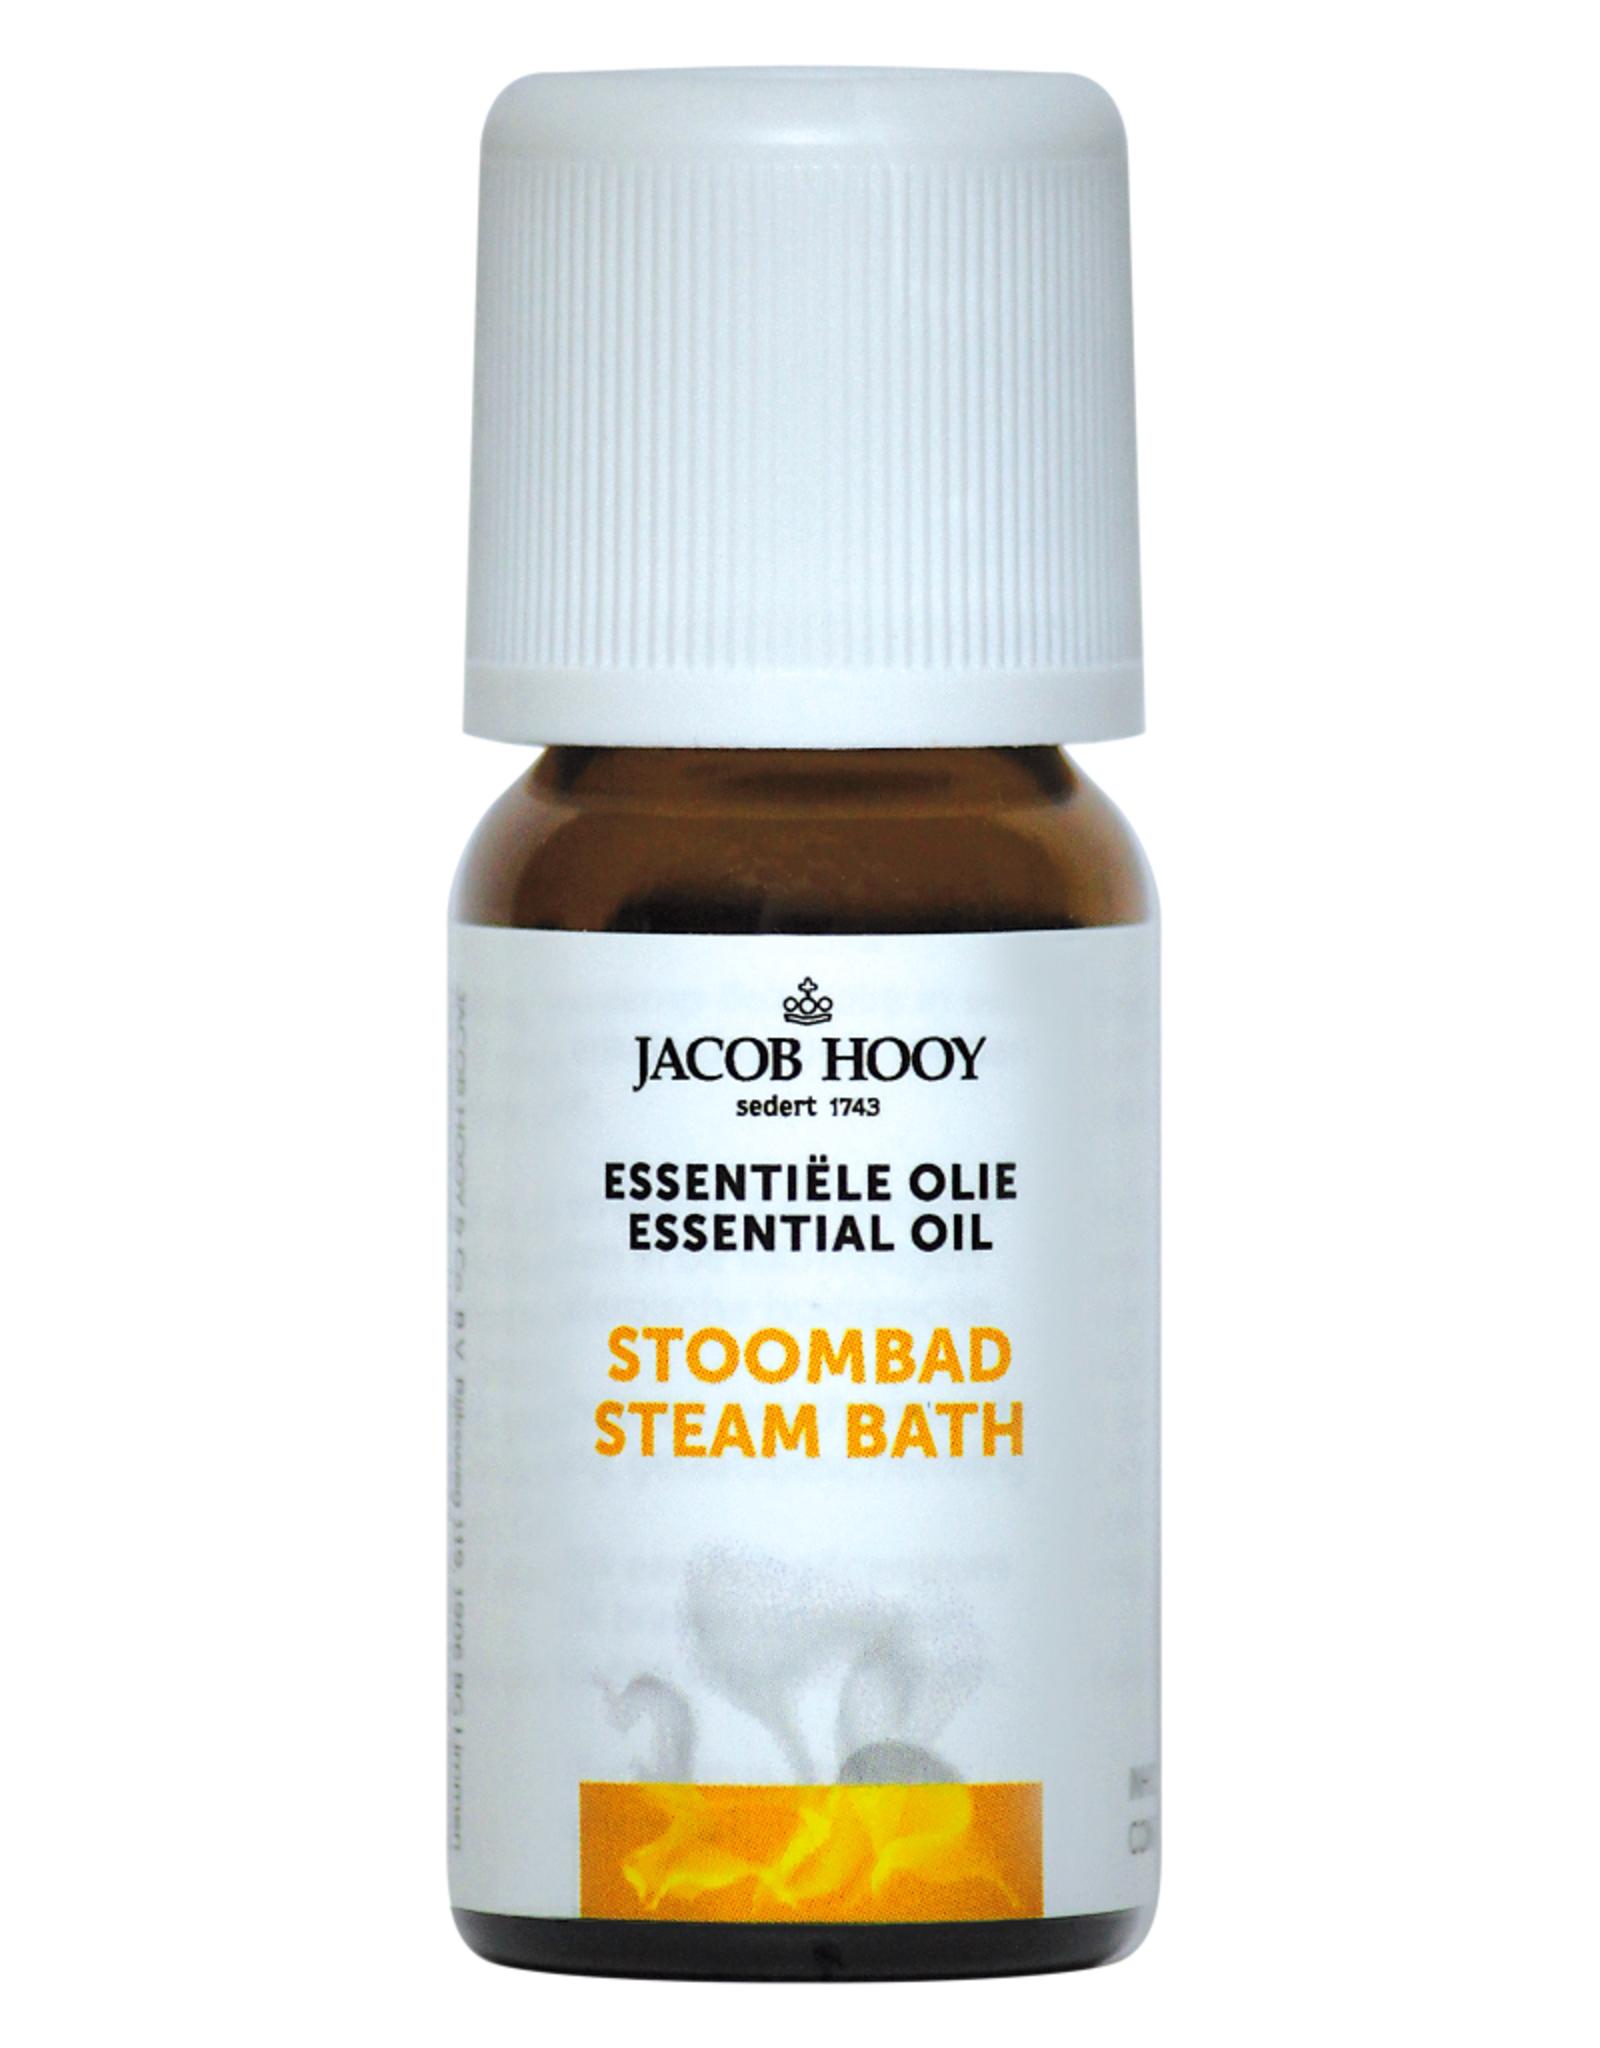 Stoombad essentiële olie Jacob Hooy 10ml